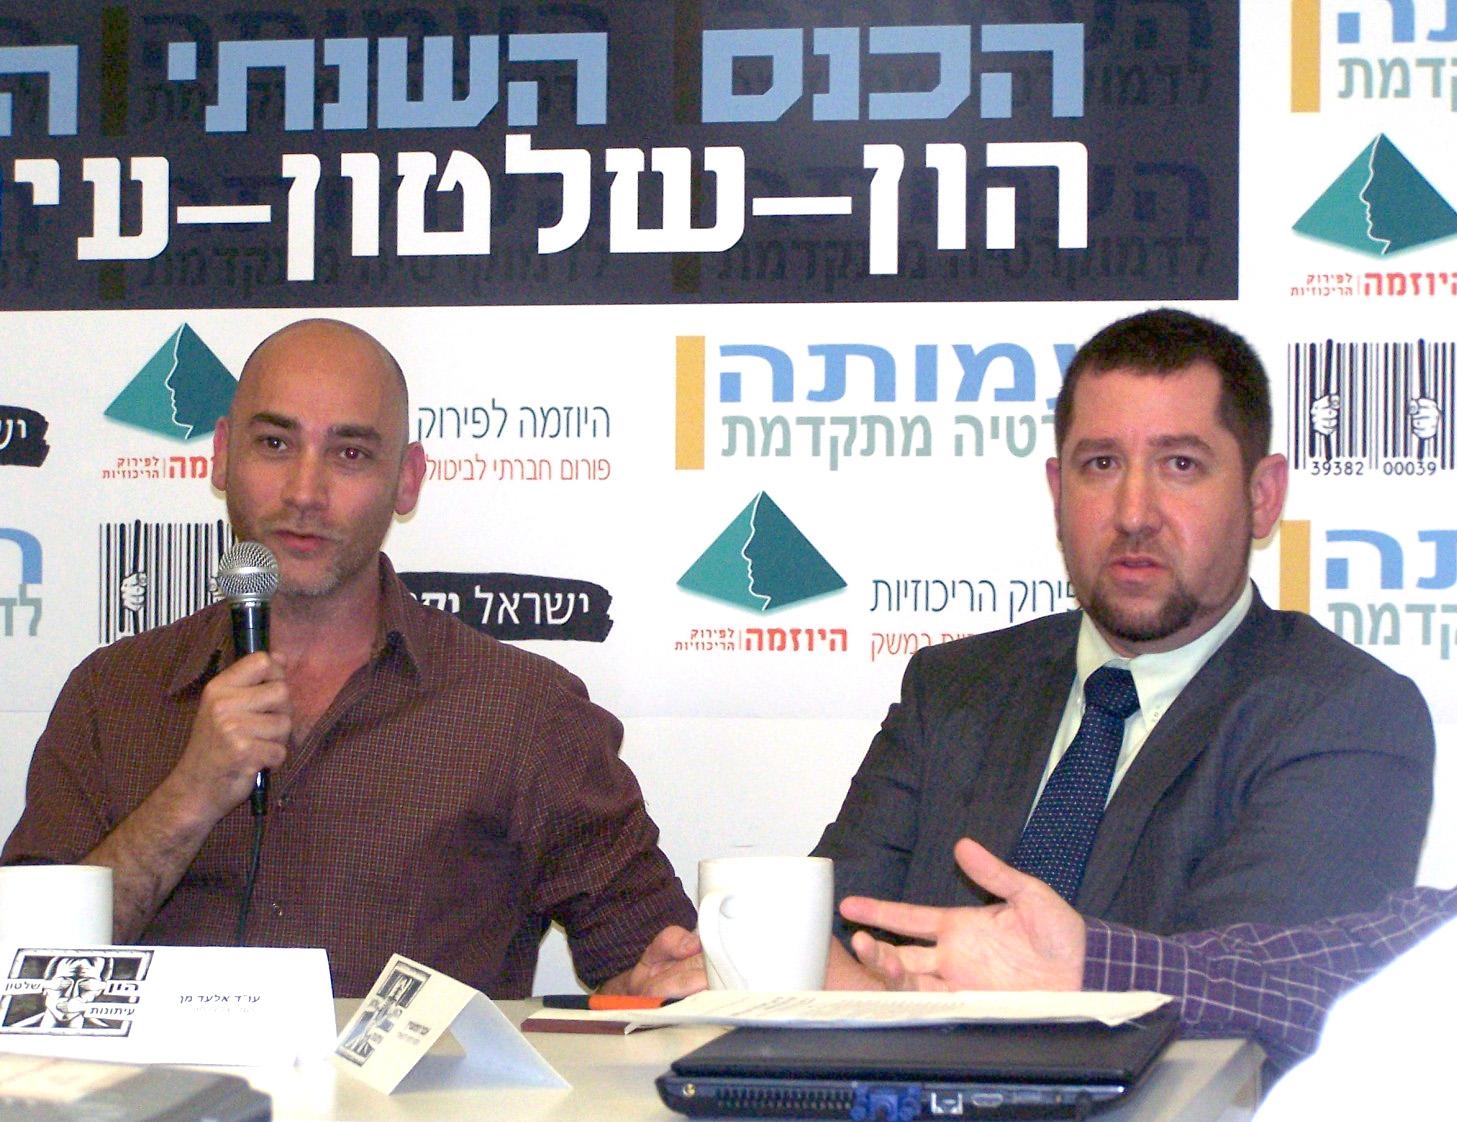 """אלעד מן וניר בכר, בכנס העמותה לדמוקרטיה מתקדמת, 21.4.13 (צילום: """"העין השביעית"""")"""